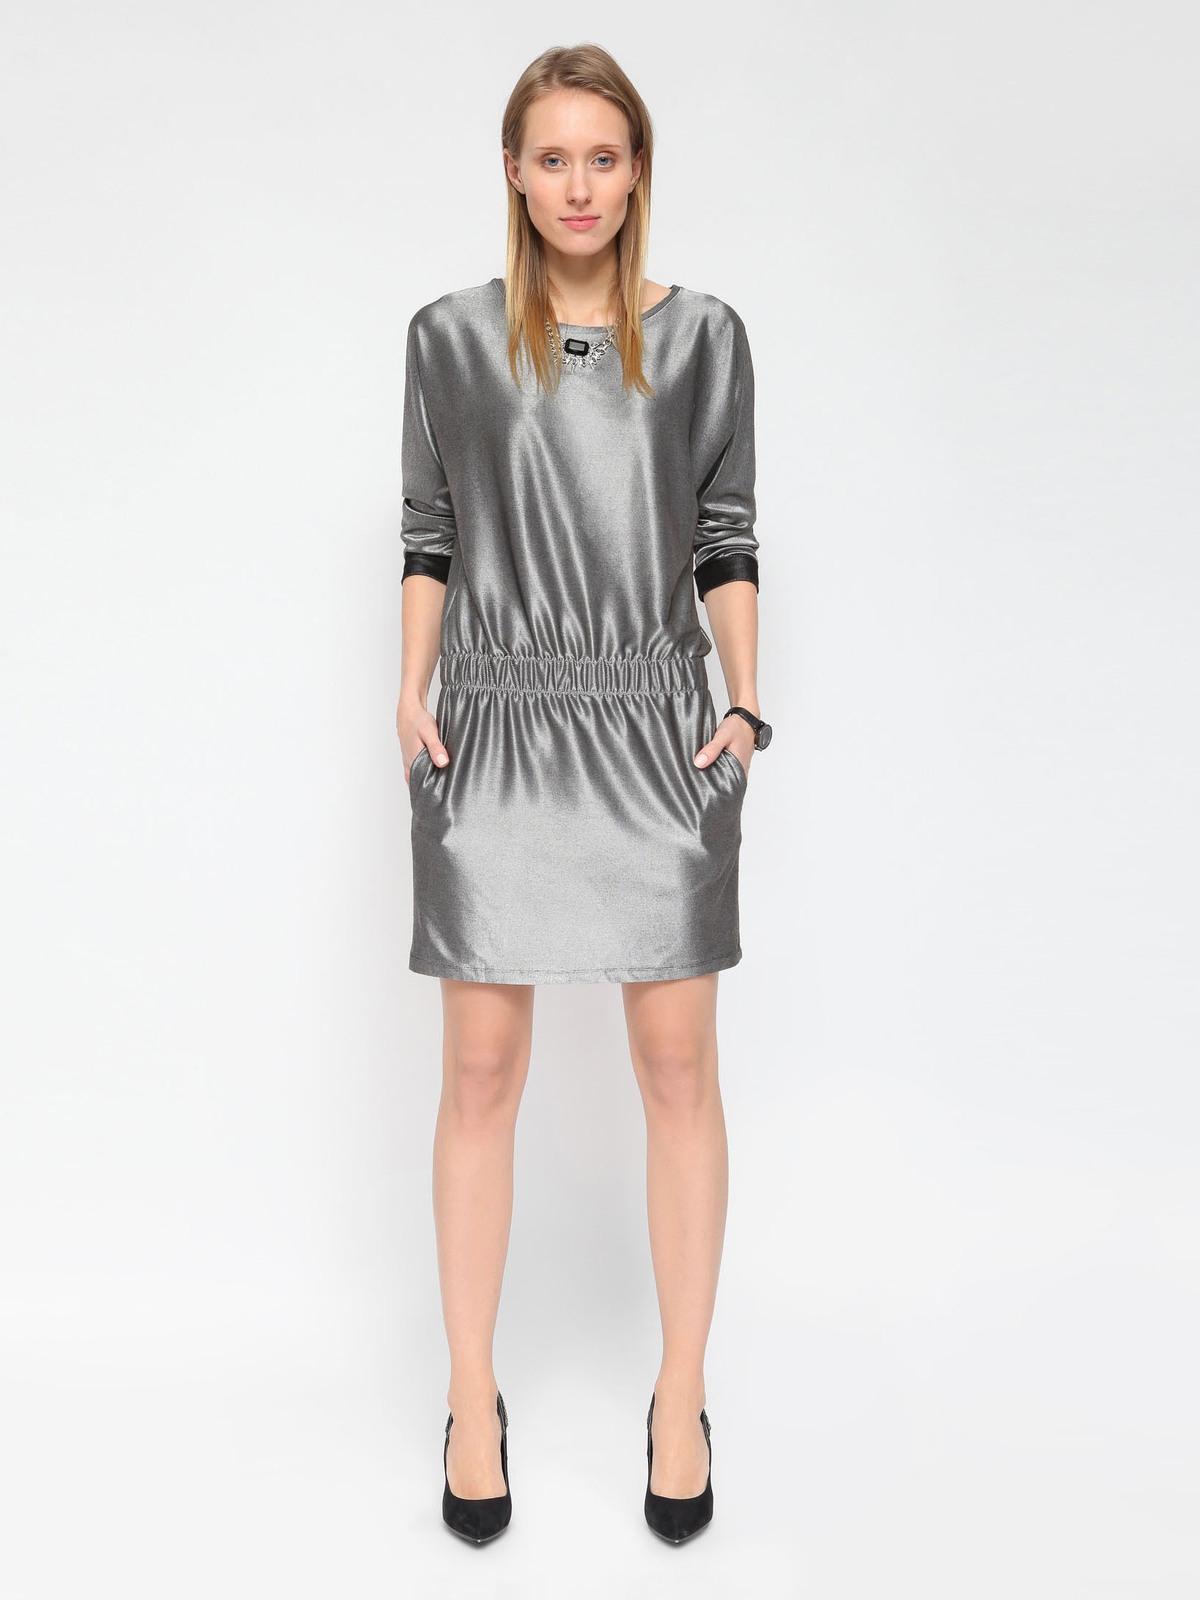 Μοντέρνο μεταλλικό φόρεμα με μανίκια ¾ και λάστιχο στη μέση.